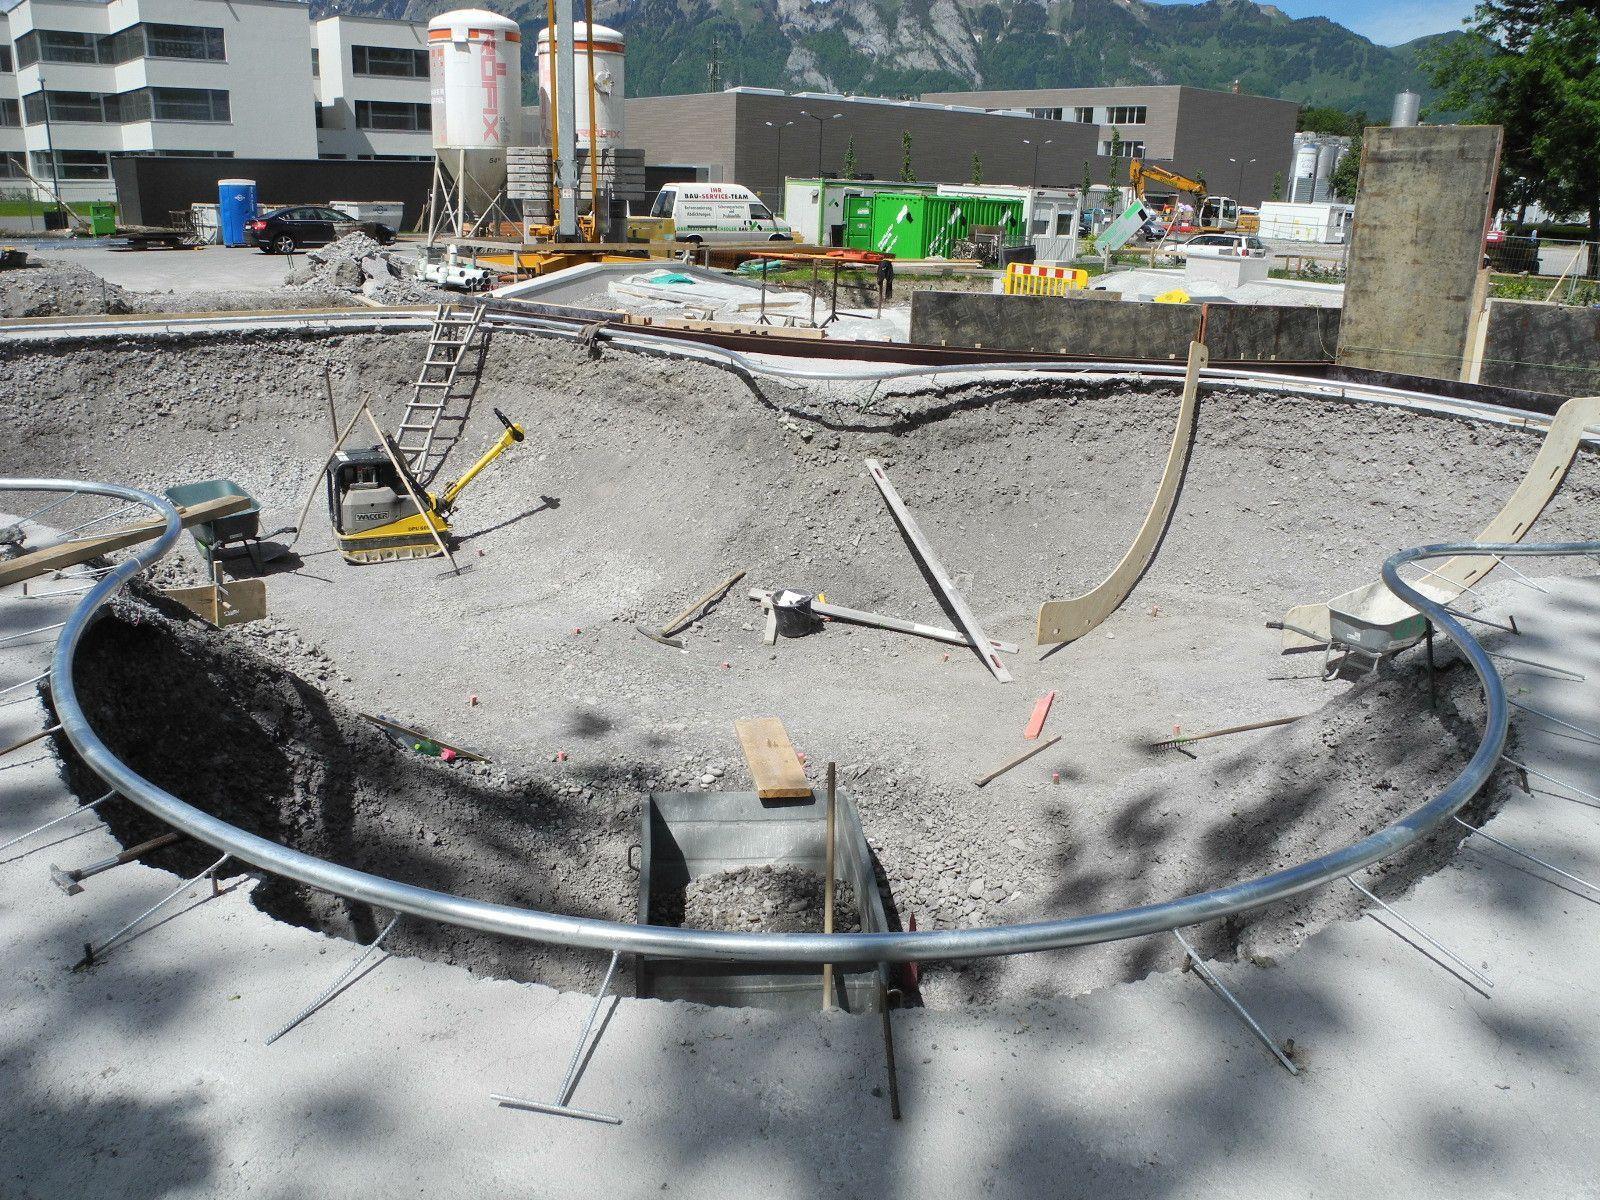 Dies Grube läßt erahnen welche diffiziele Bauhanderkskunst hinter dem Bau des Skaterparks steckt.